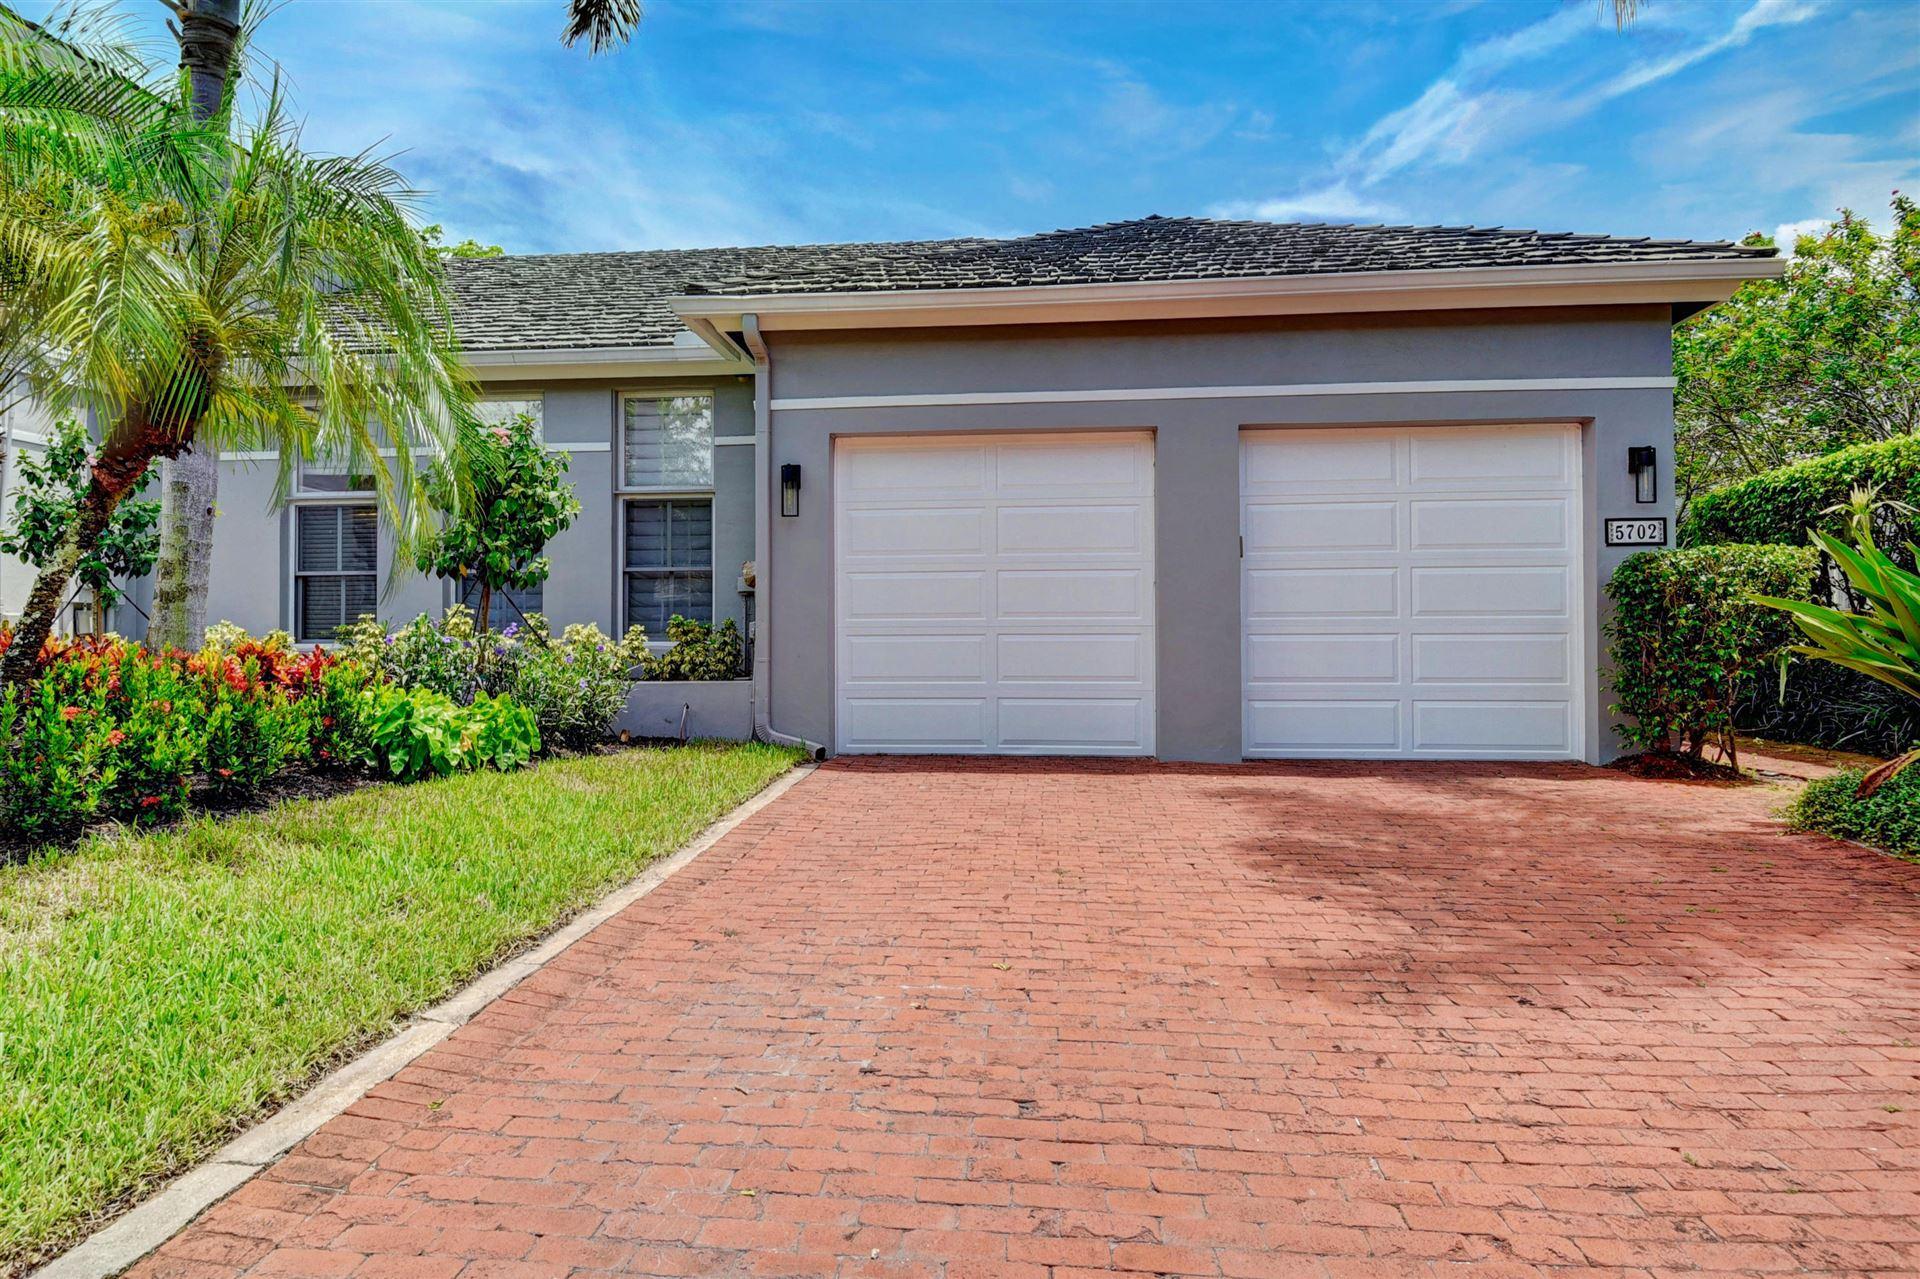 5702 NW 39th Avenue, Boca Raton, FL 33496 - #: RX-10646961